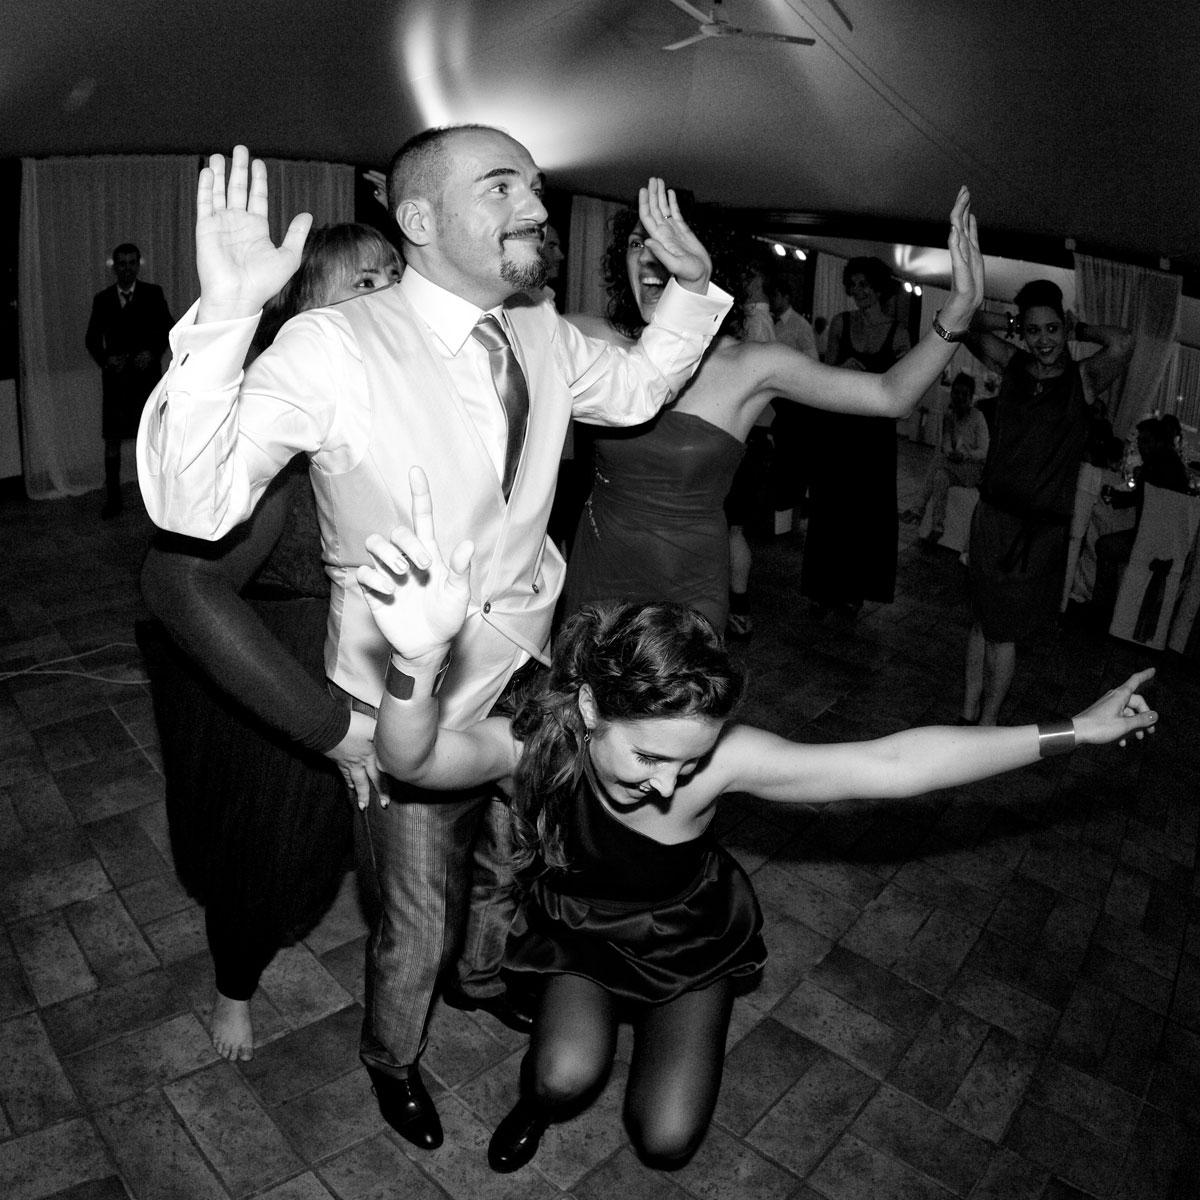 matrimoni-festa_010_SP